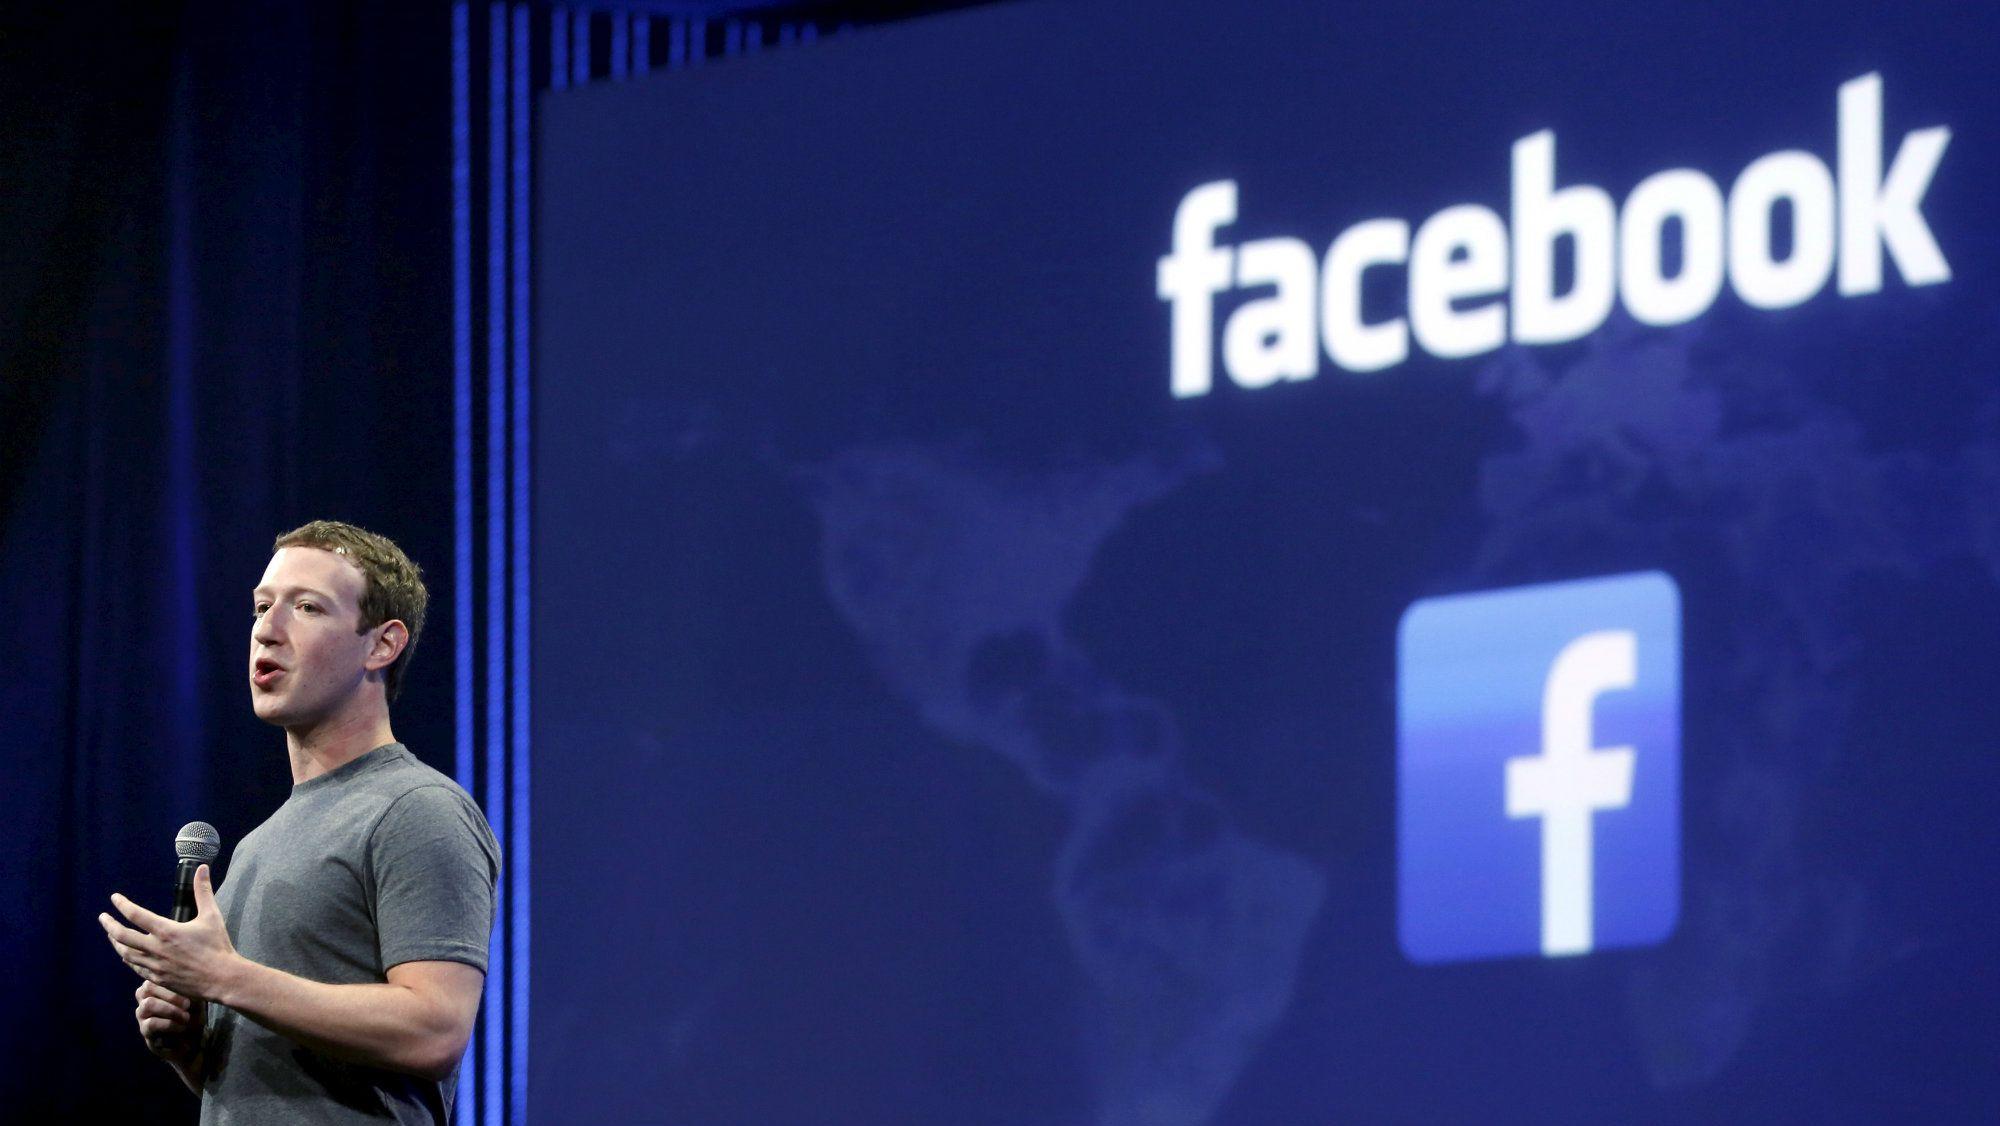 Vous pourrez bientôt récupérer votre compte grâce à la reconnaissance faciale — Facebook